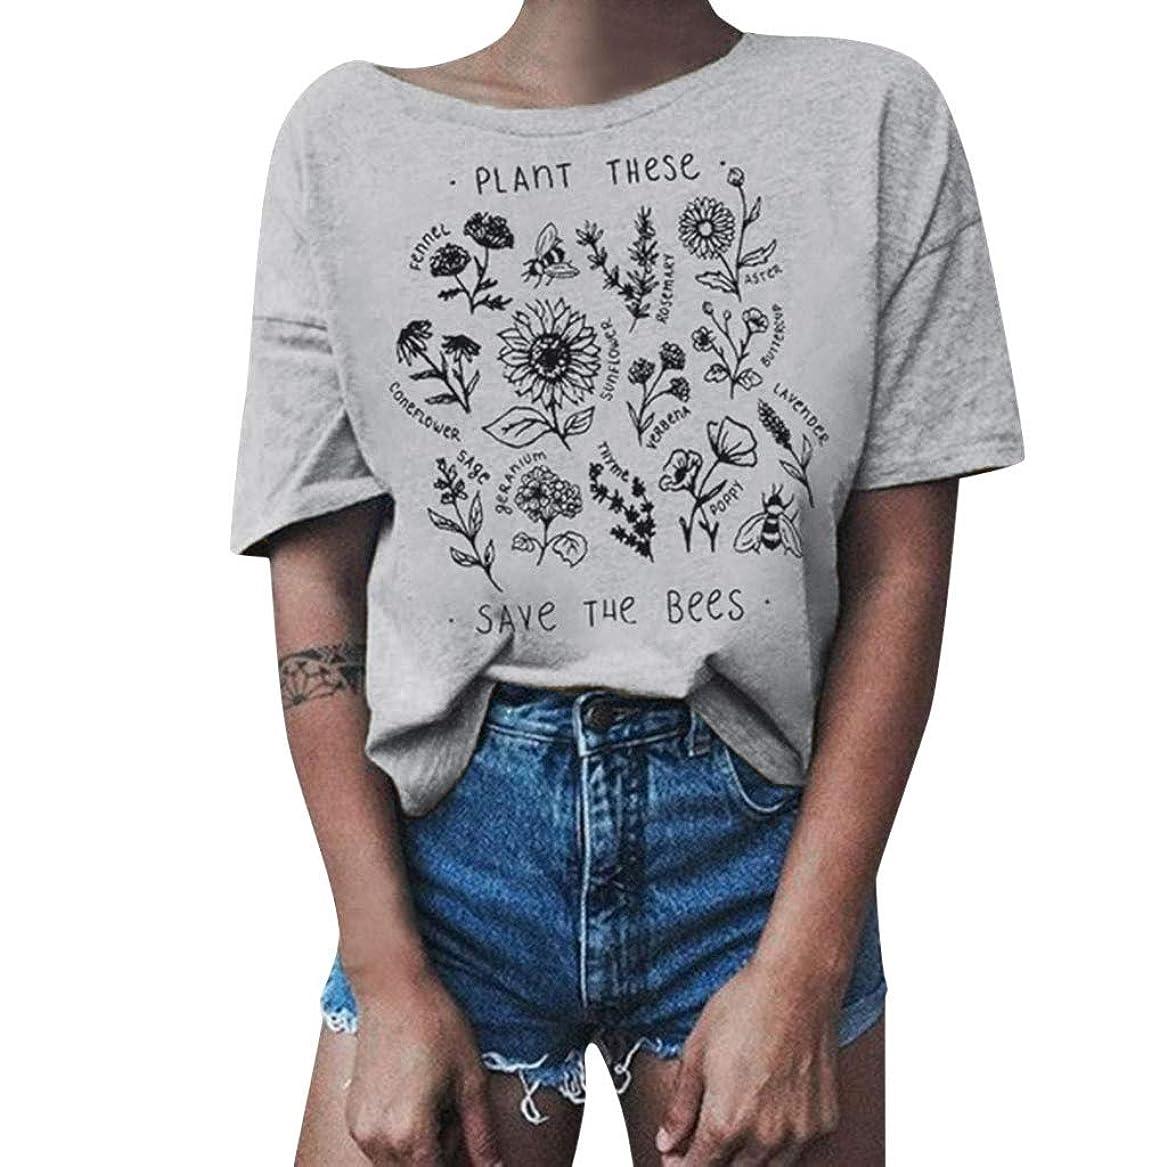 競争人形コンパイルTシャツ レディース 半袖 おおきいサイズ ビンテージ 花柄 ラウンドネック ビジネス 学生 洋服 お出かけ ワイシャツ 流行り ブラウス 軽い 柔らかい かっこいい カジュアル シンプル オシャレ 春夏 対応 可愛い 欧米風 日韓風